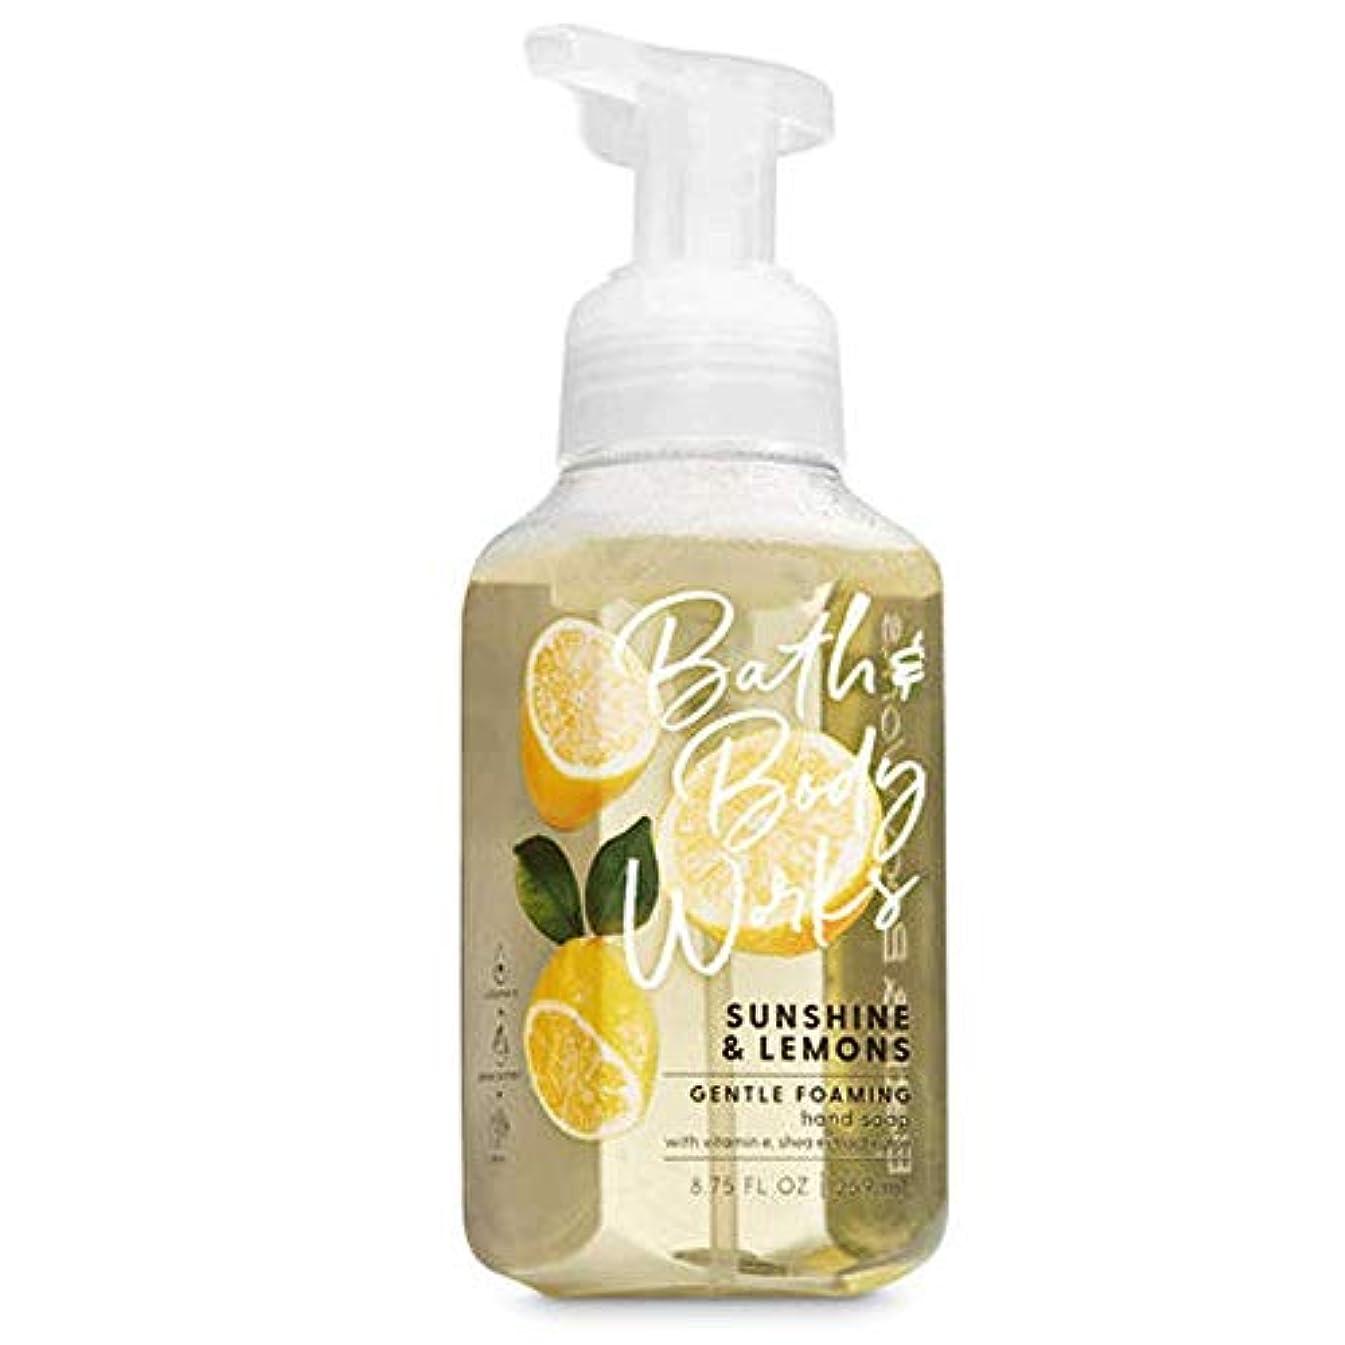 結婚式幸運なダメージバス&ボディワークス サンシャインレモン ジェントル フォーミング ハンドソープ Sunshine & Lemons Gentle Foaming Hand Soap